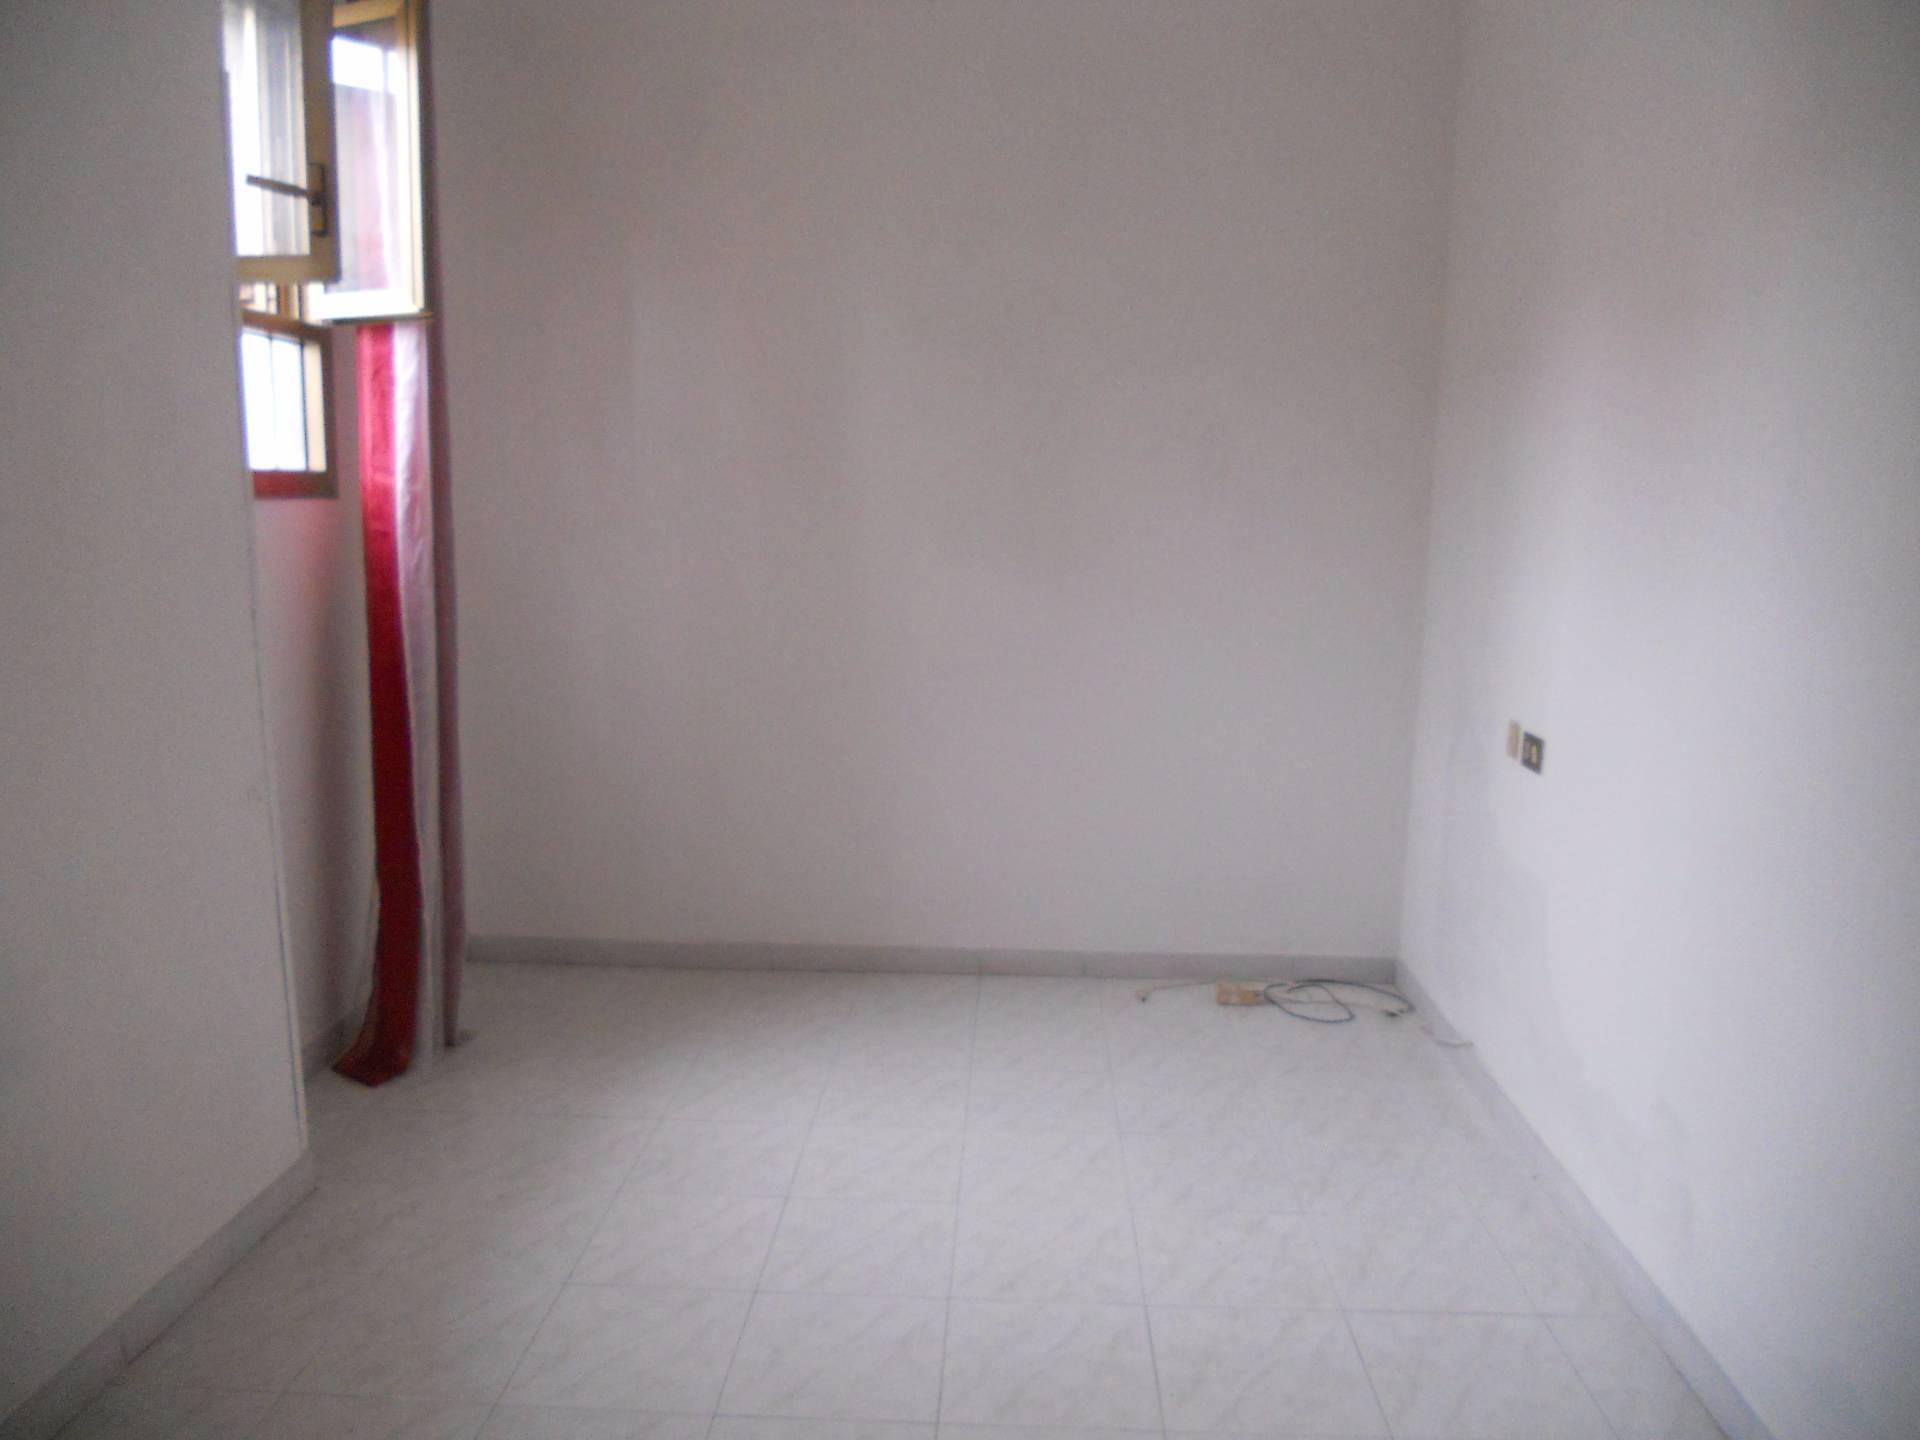 Appartamento in vendita a Calcinaia, 2 locali, zona Zona: Fornacette, prezzo € 42.000   Cambio Casa.it